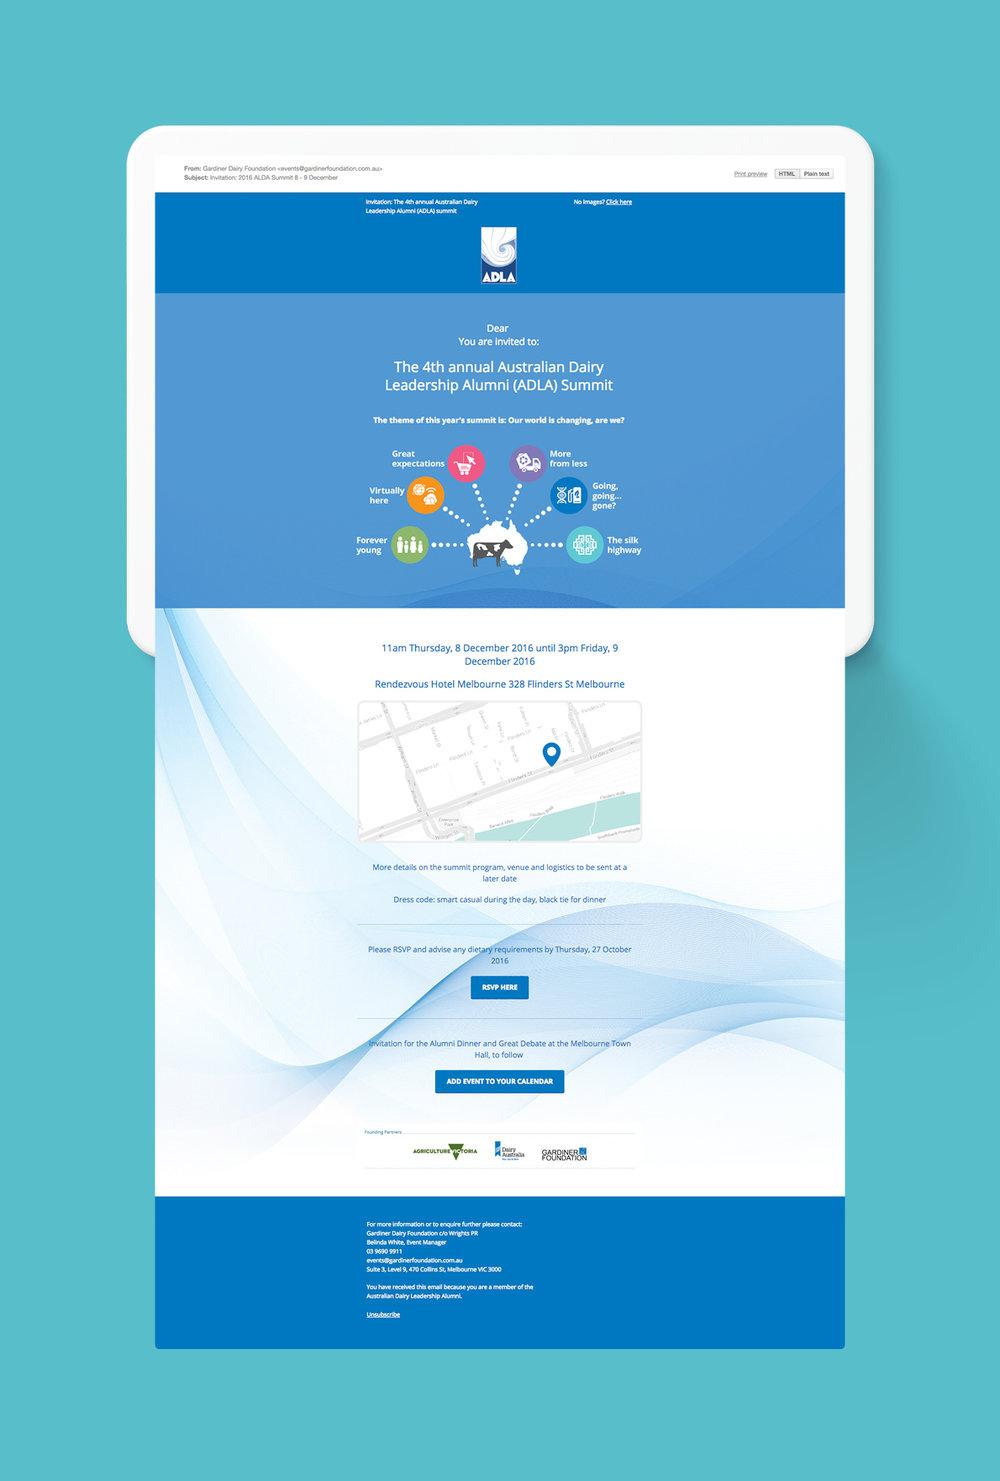 tout-creative-gardiner-dairy-foundation-email-marketing.jpg